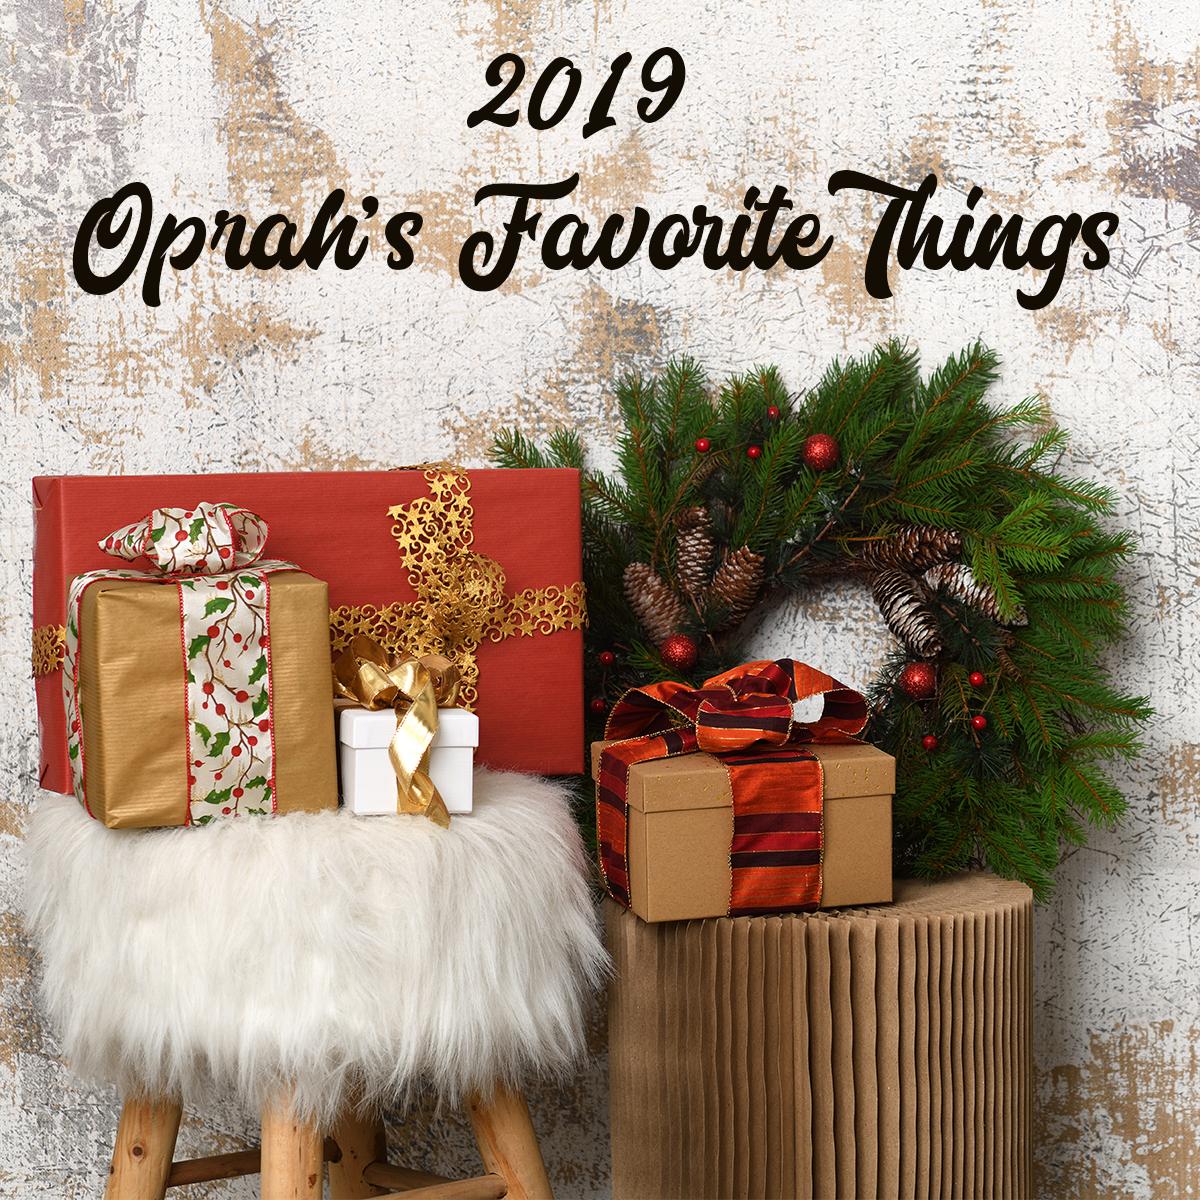 2019 Oprah's Favorite Things